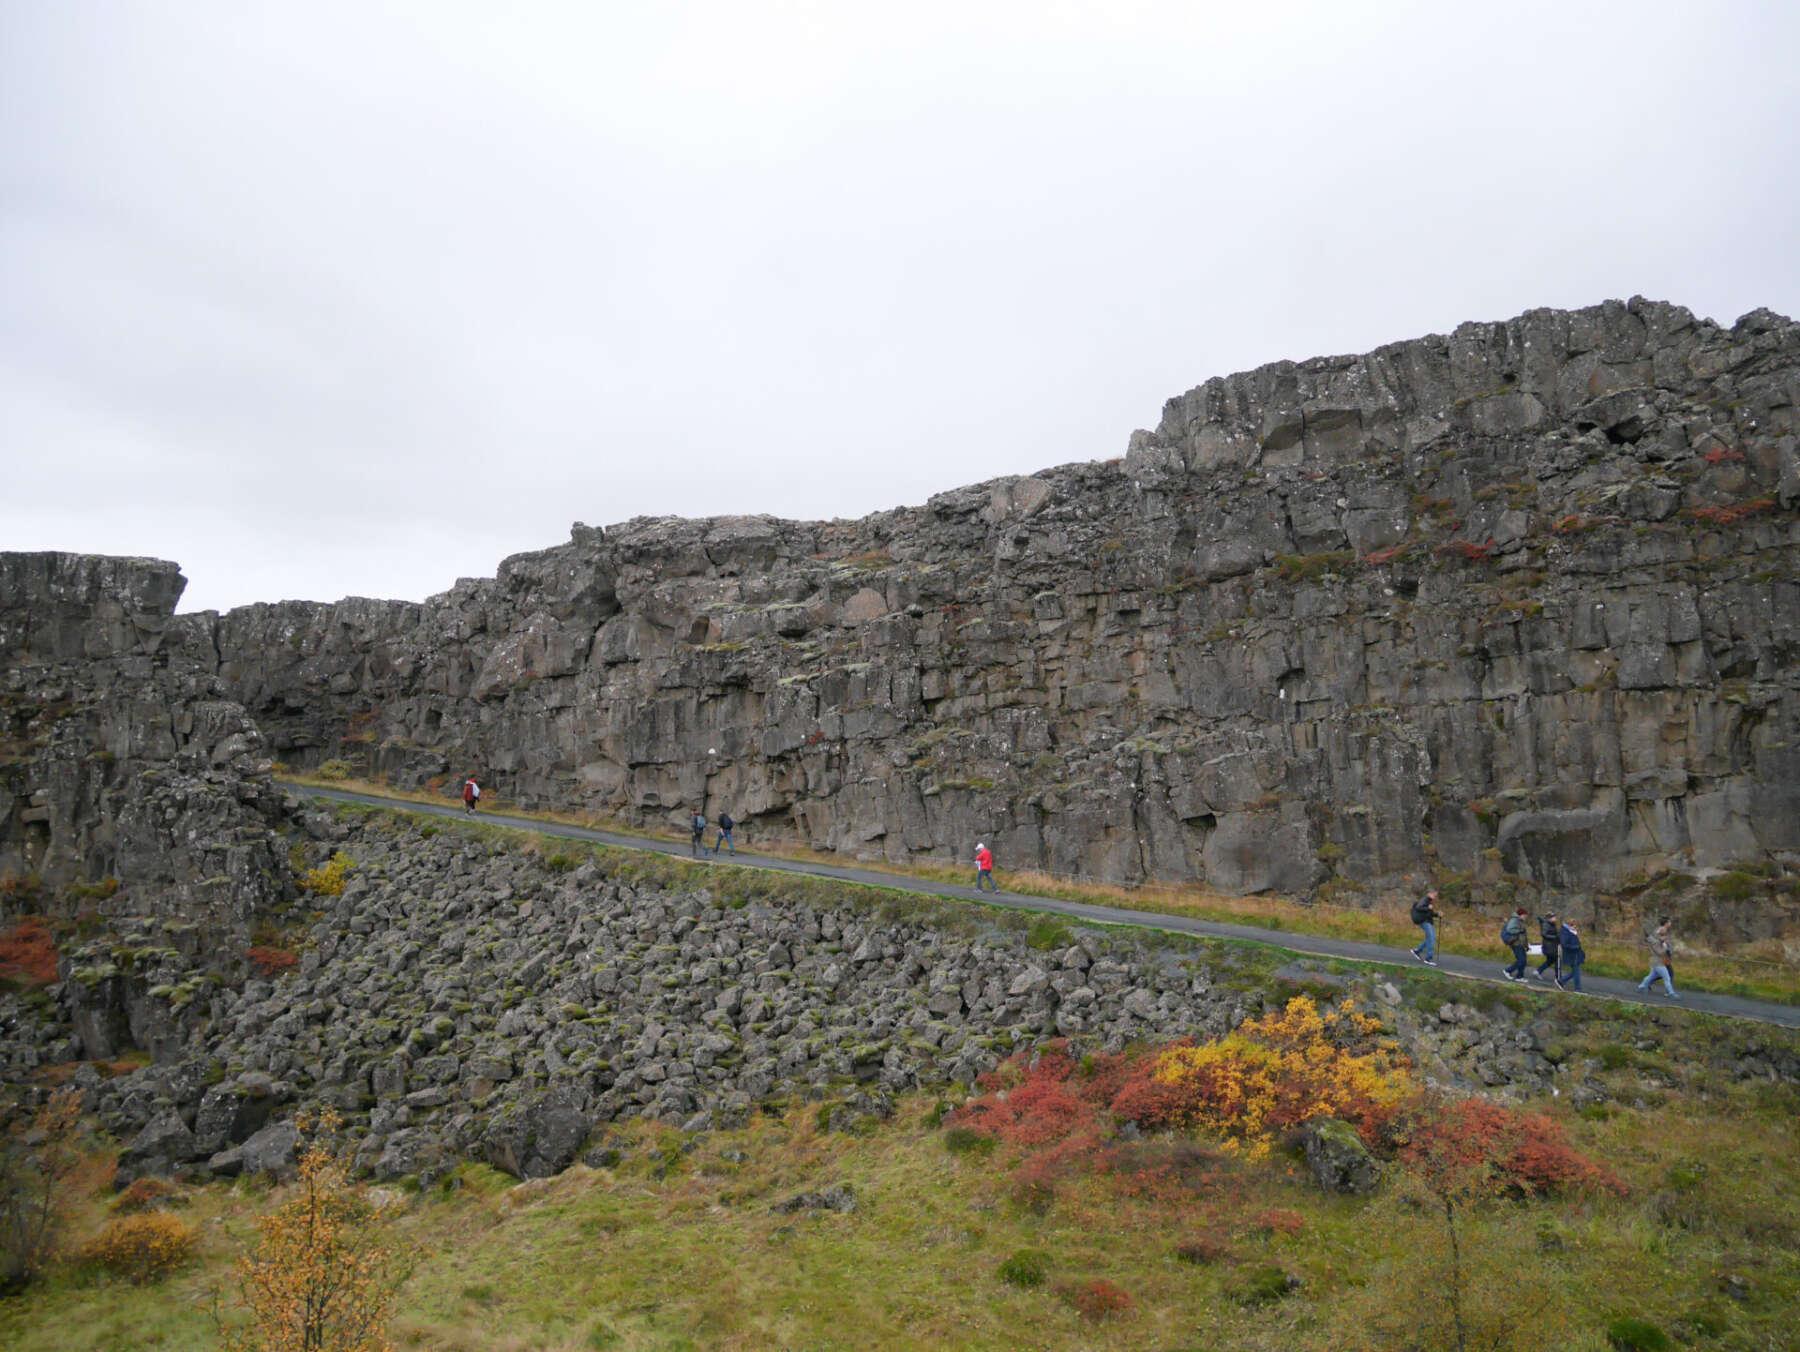 อุทยานแห่งชาติซิงเควลลิร์ (Thingvellir National Park)